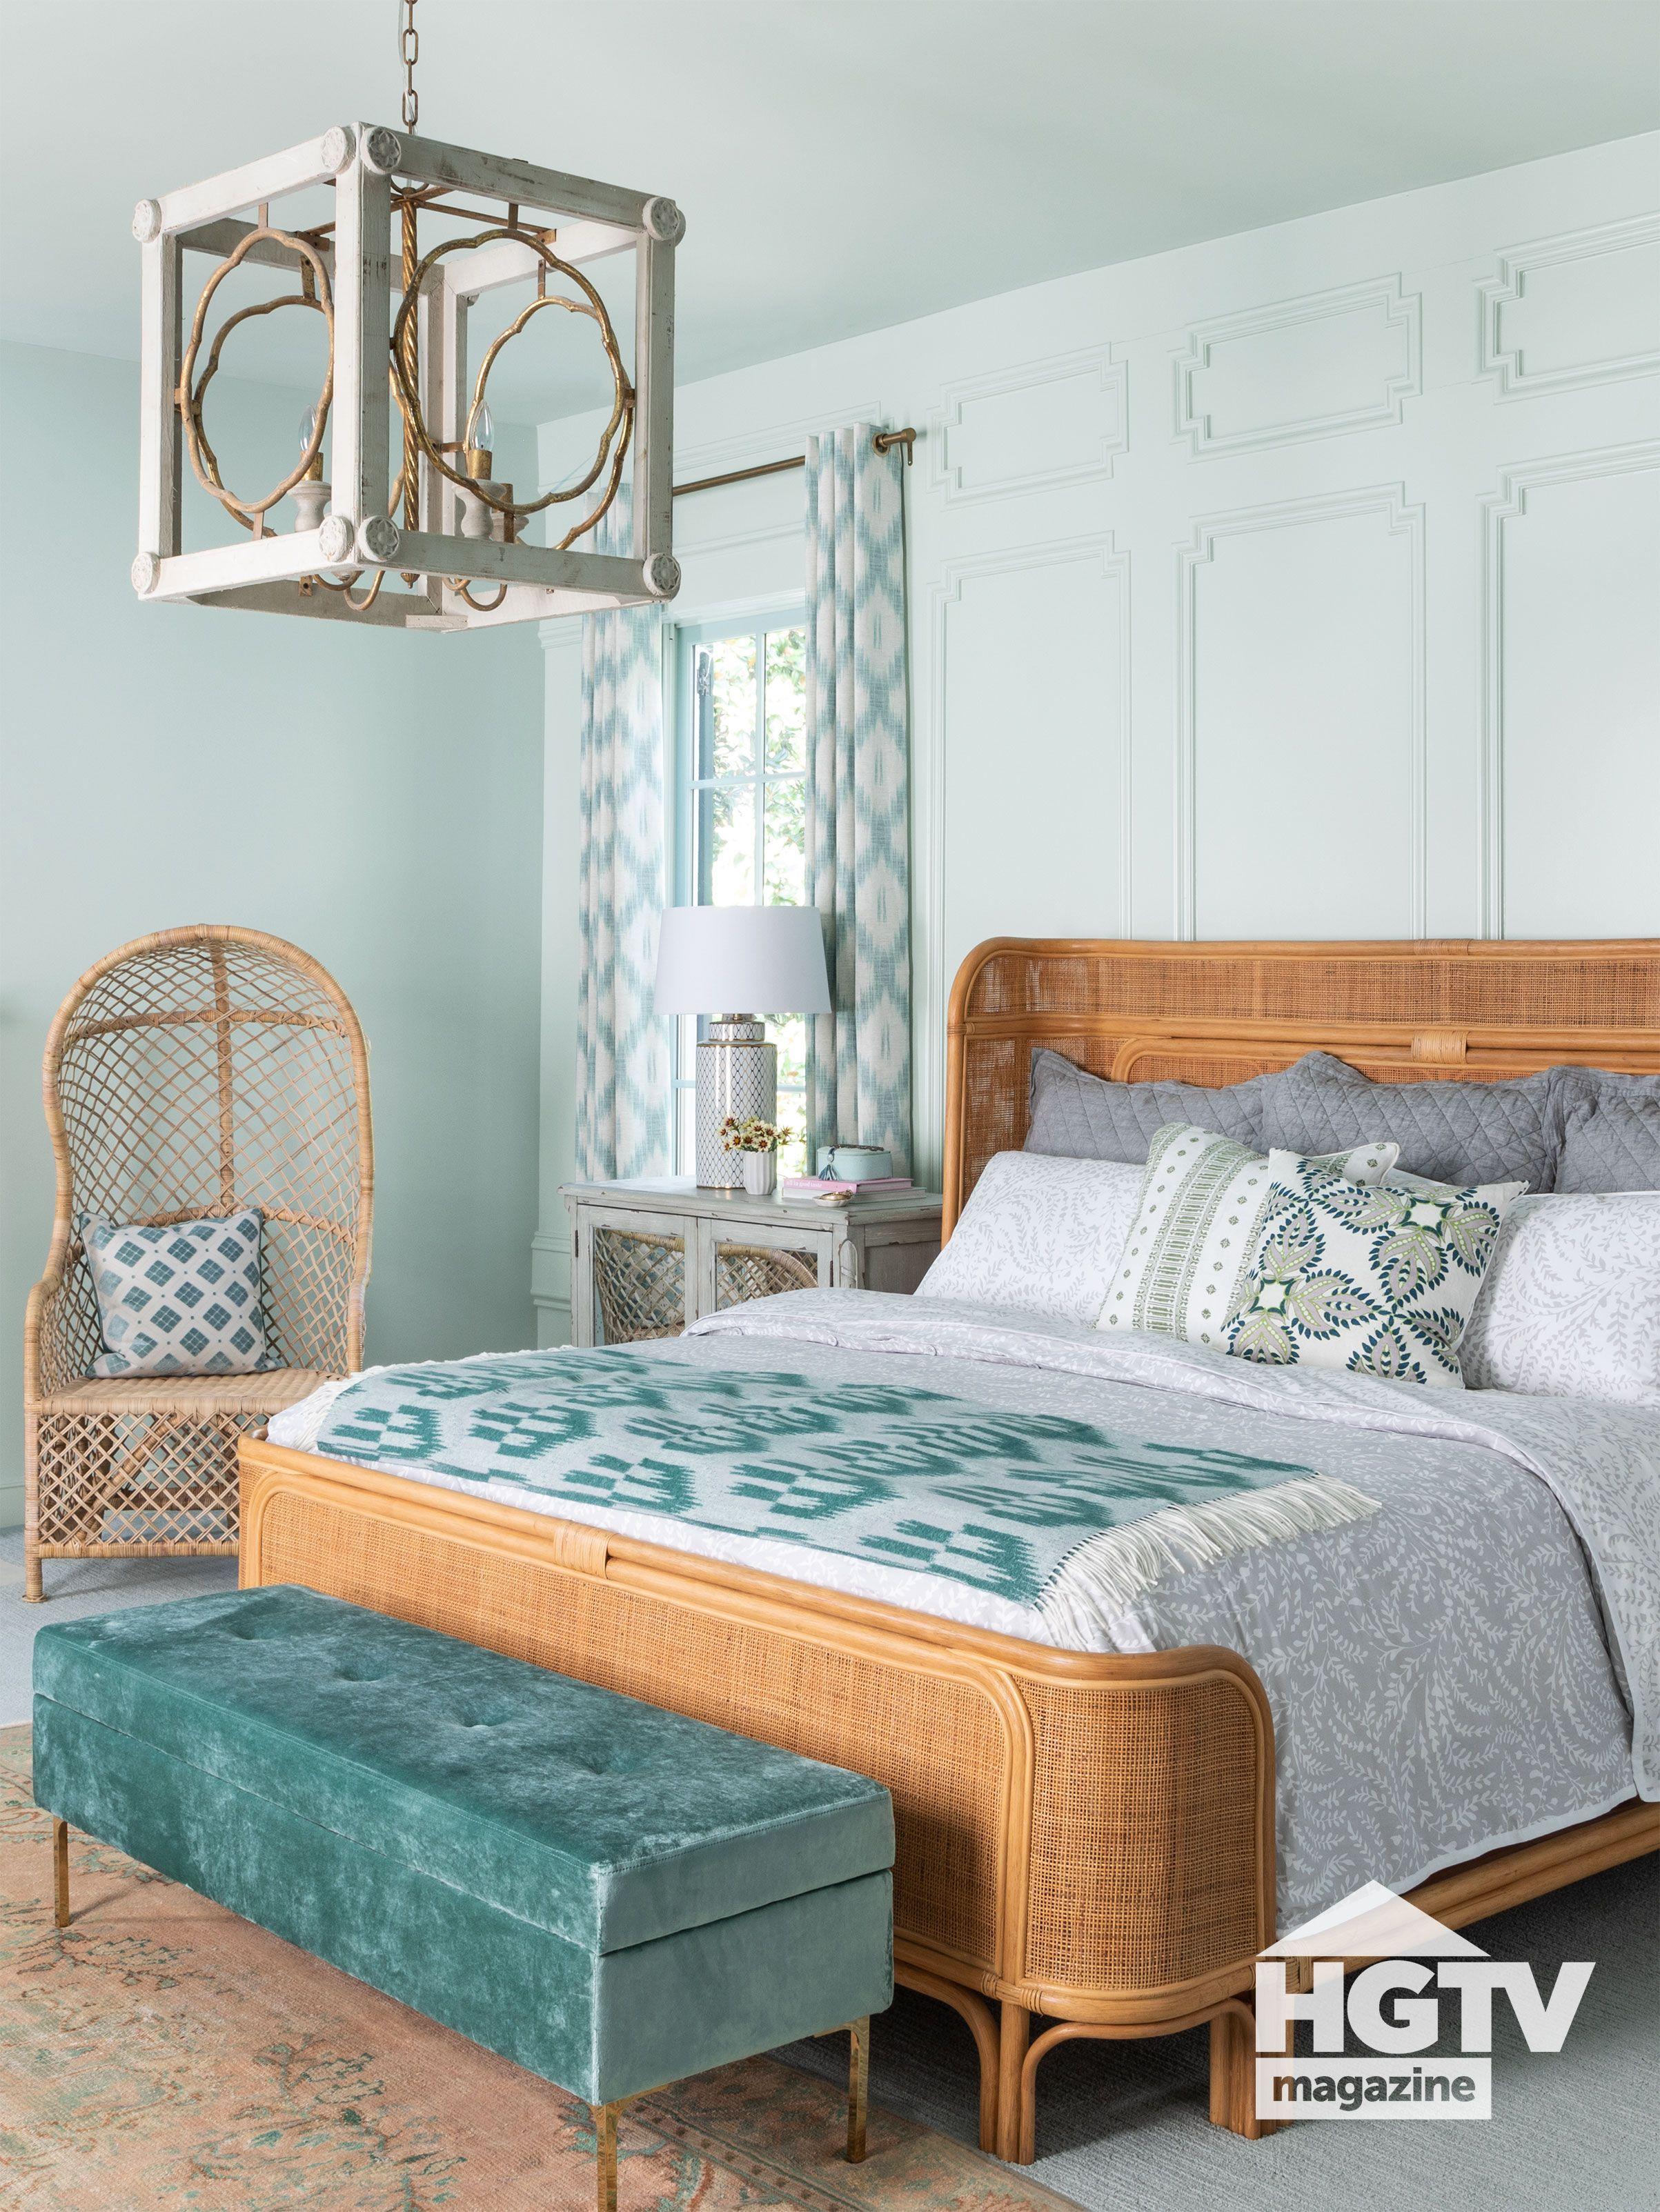 4+ HGTV Bedrooms ideas in 4  dreamy bedrooms, bedroom design